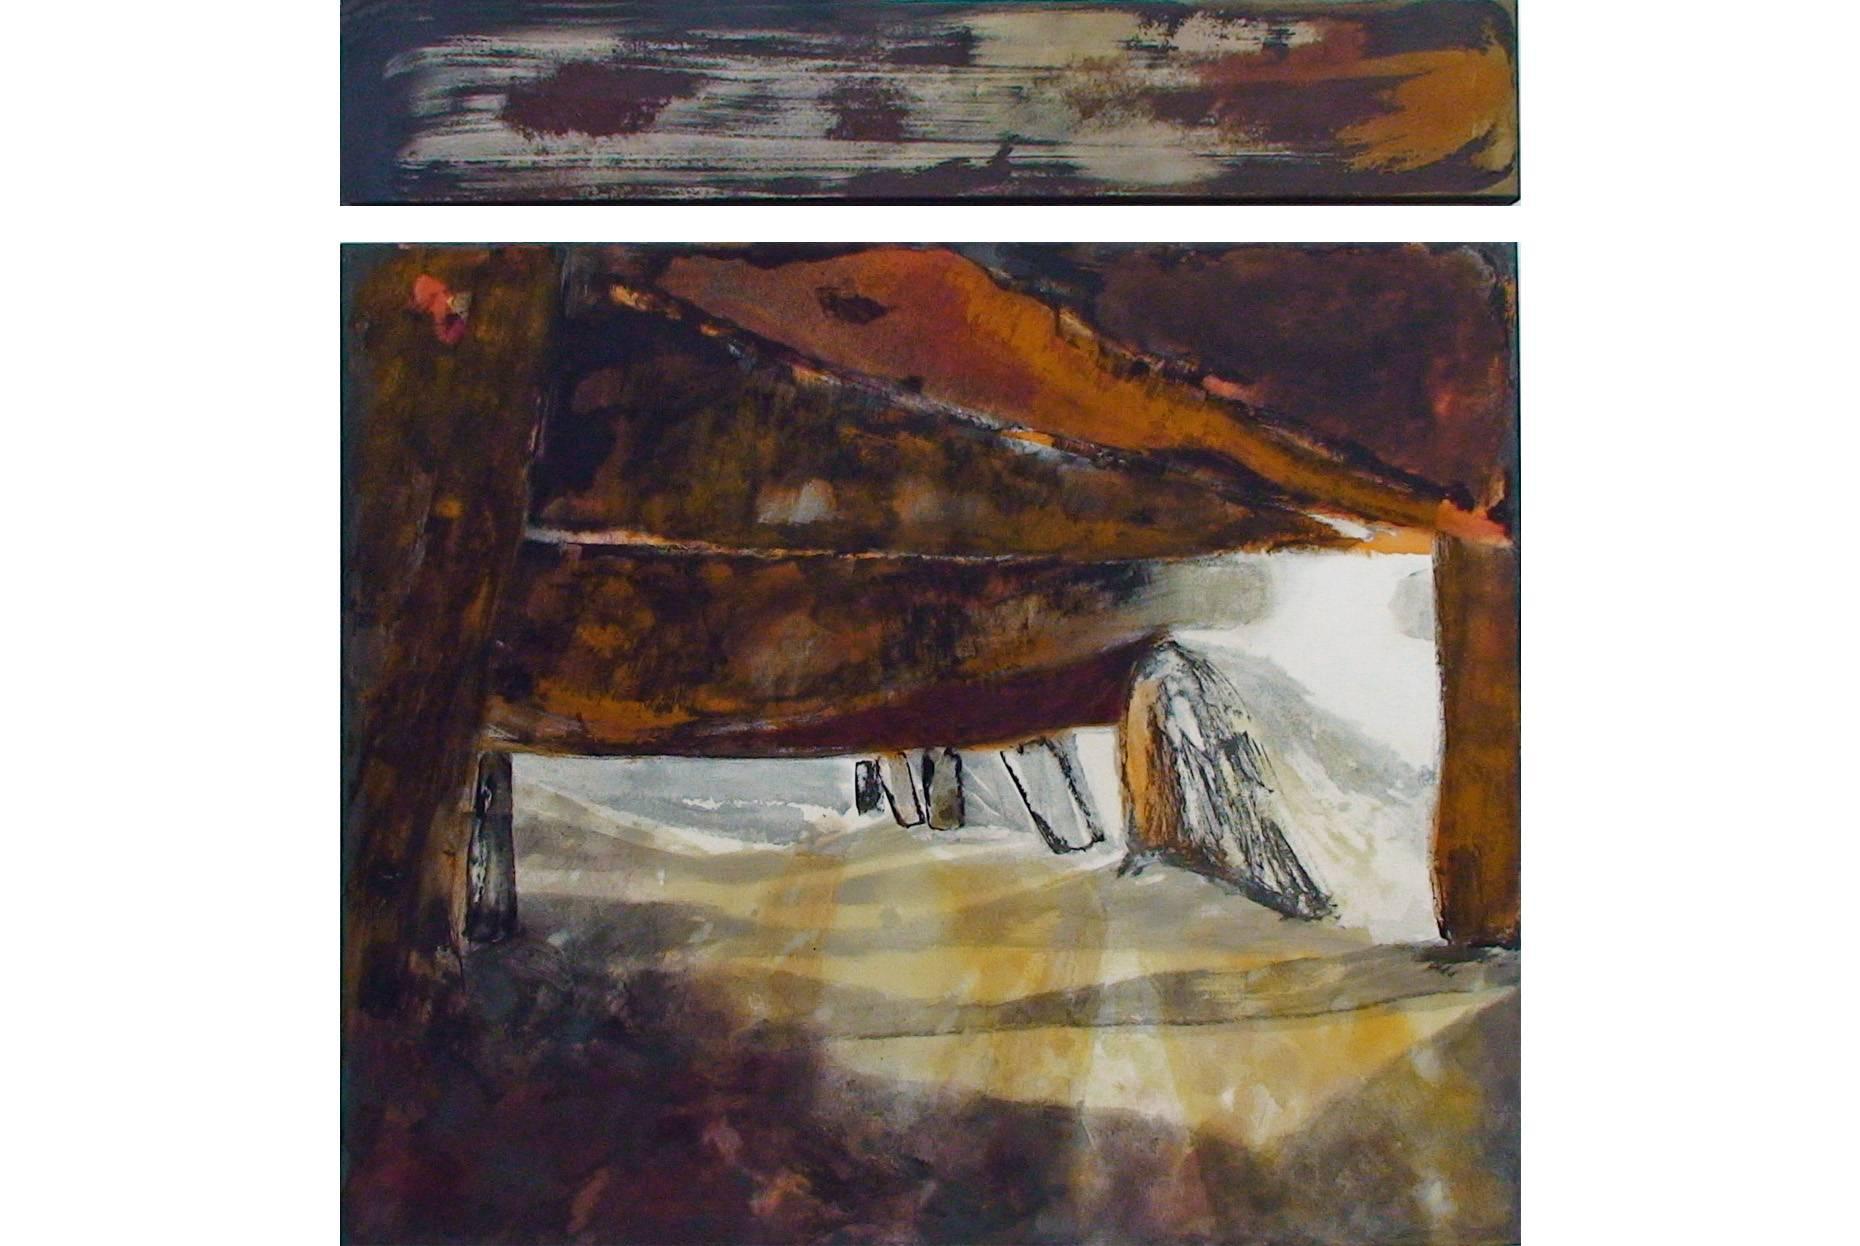 Fundus/Unterbau II 2000 Acrylfarbe a/Nessel 2 tlg. zus.110 x 105 cm